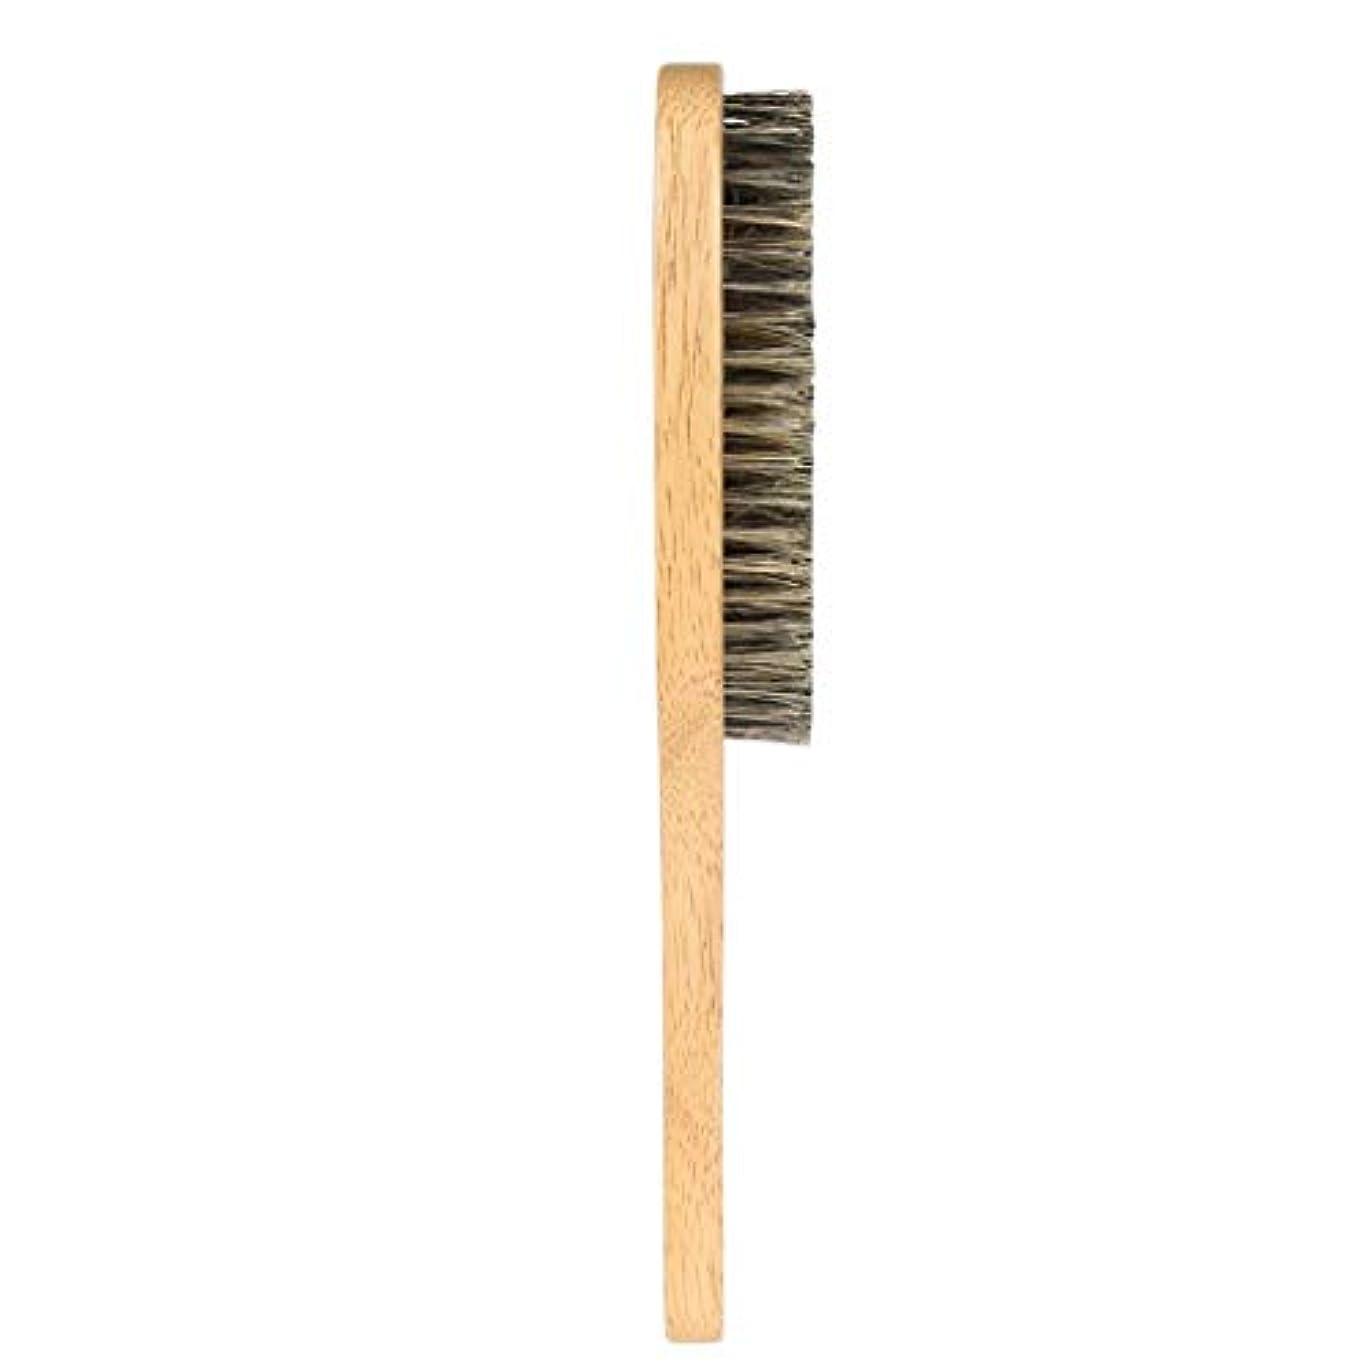 深さ生産的抜け目のないToygogo 男性合成繊維ひげ口ひげブラシ顔毛シェービングブラシw/ハンドル